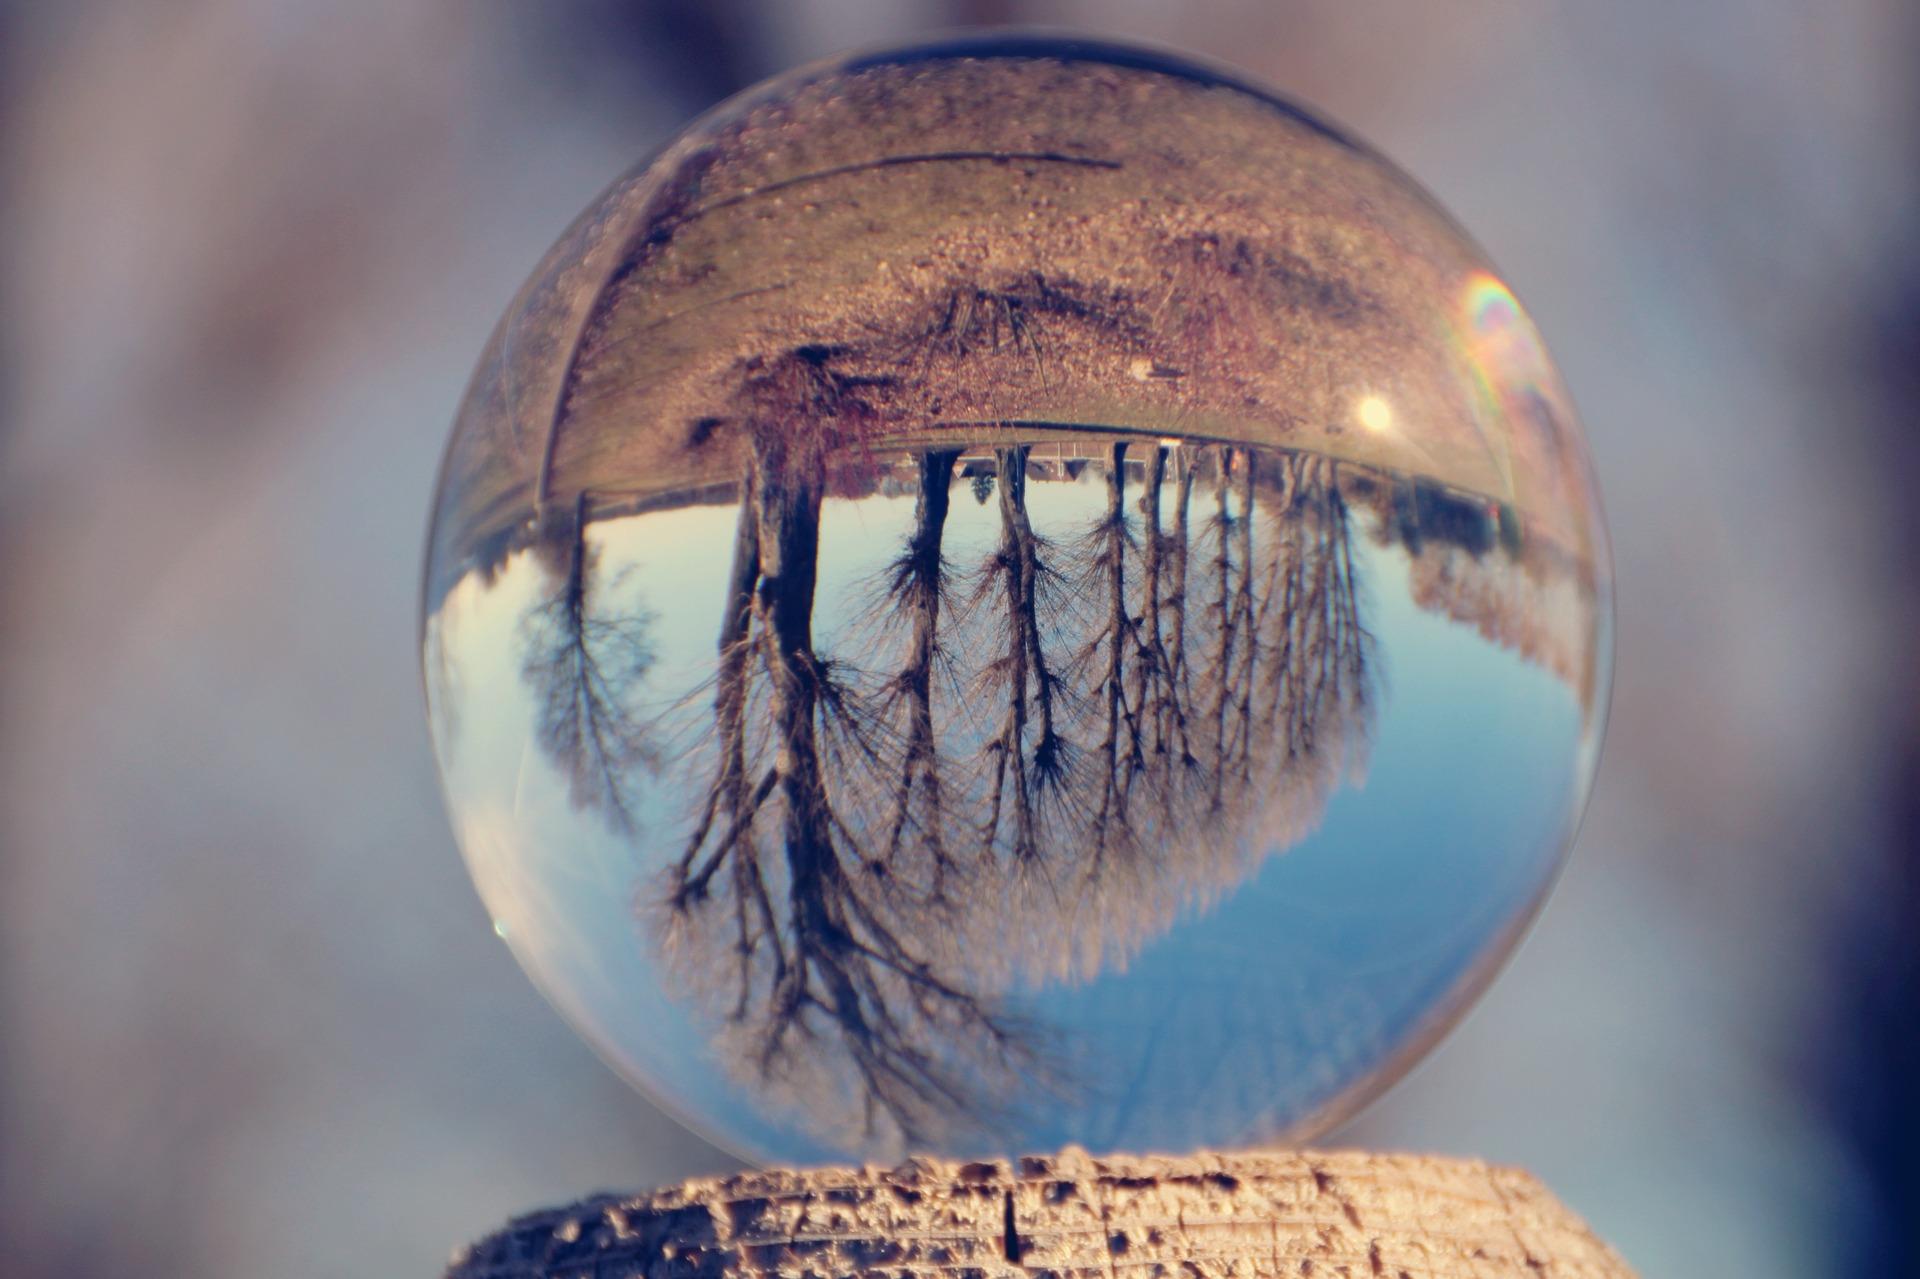 glass-ball-4017587_1920